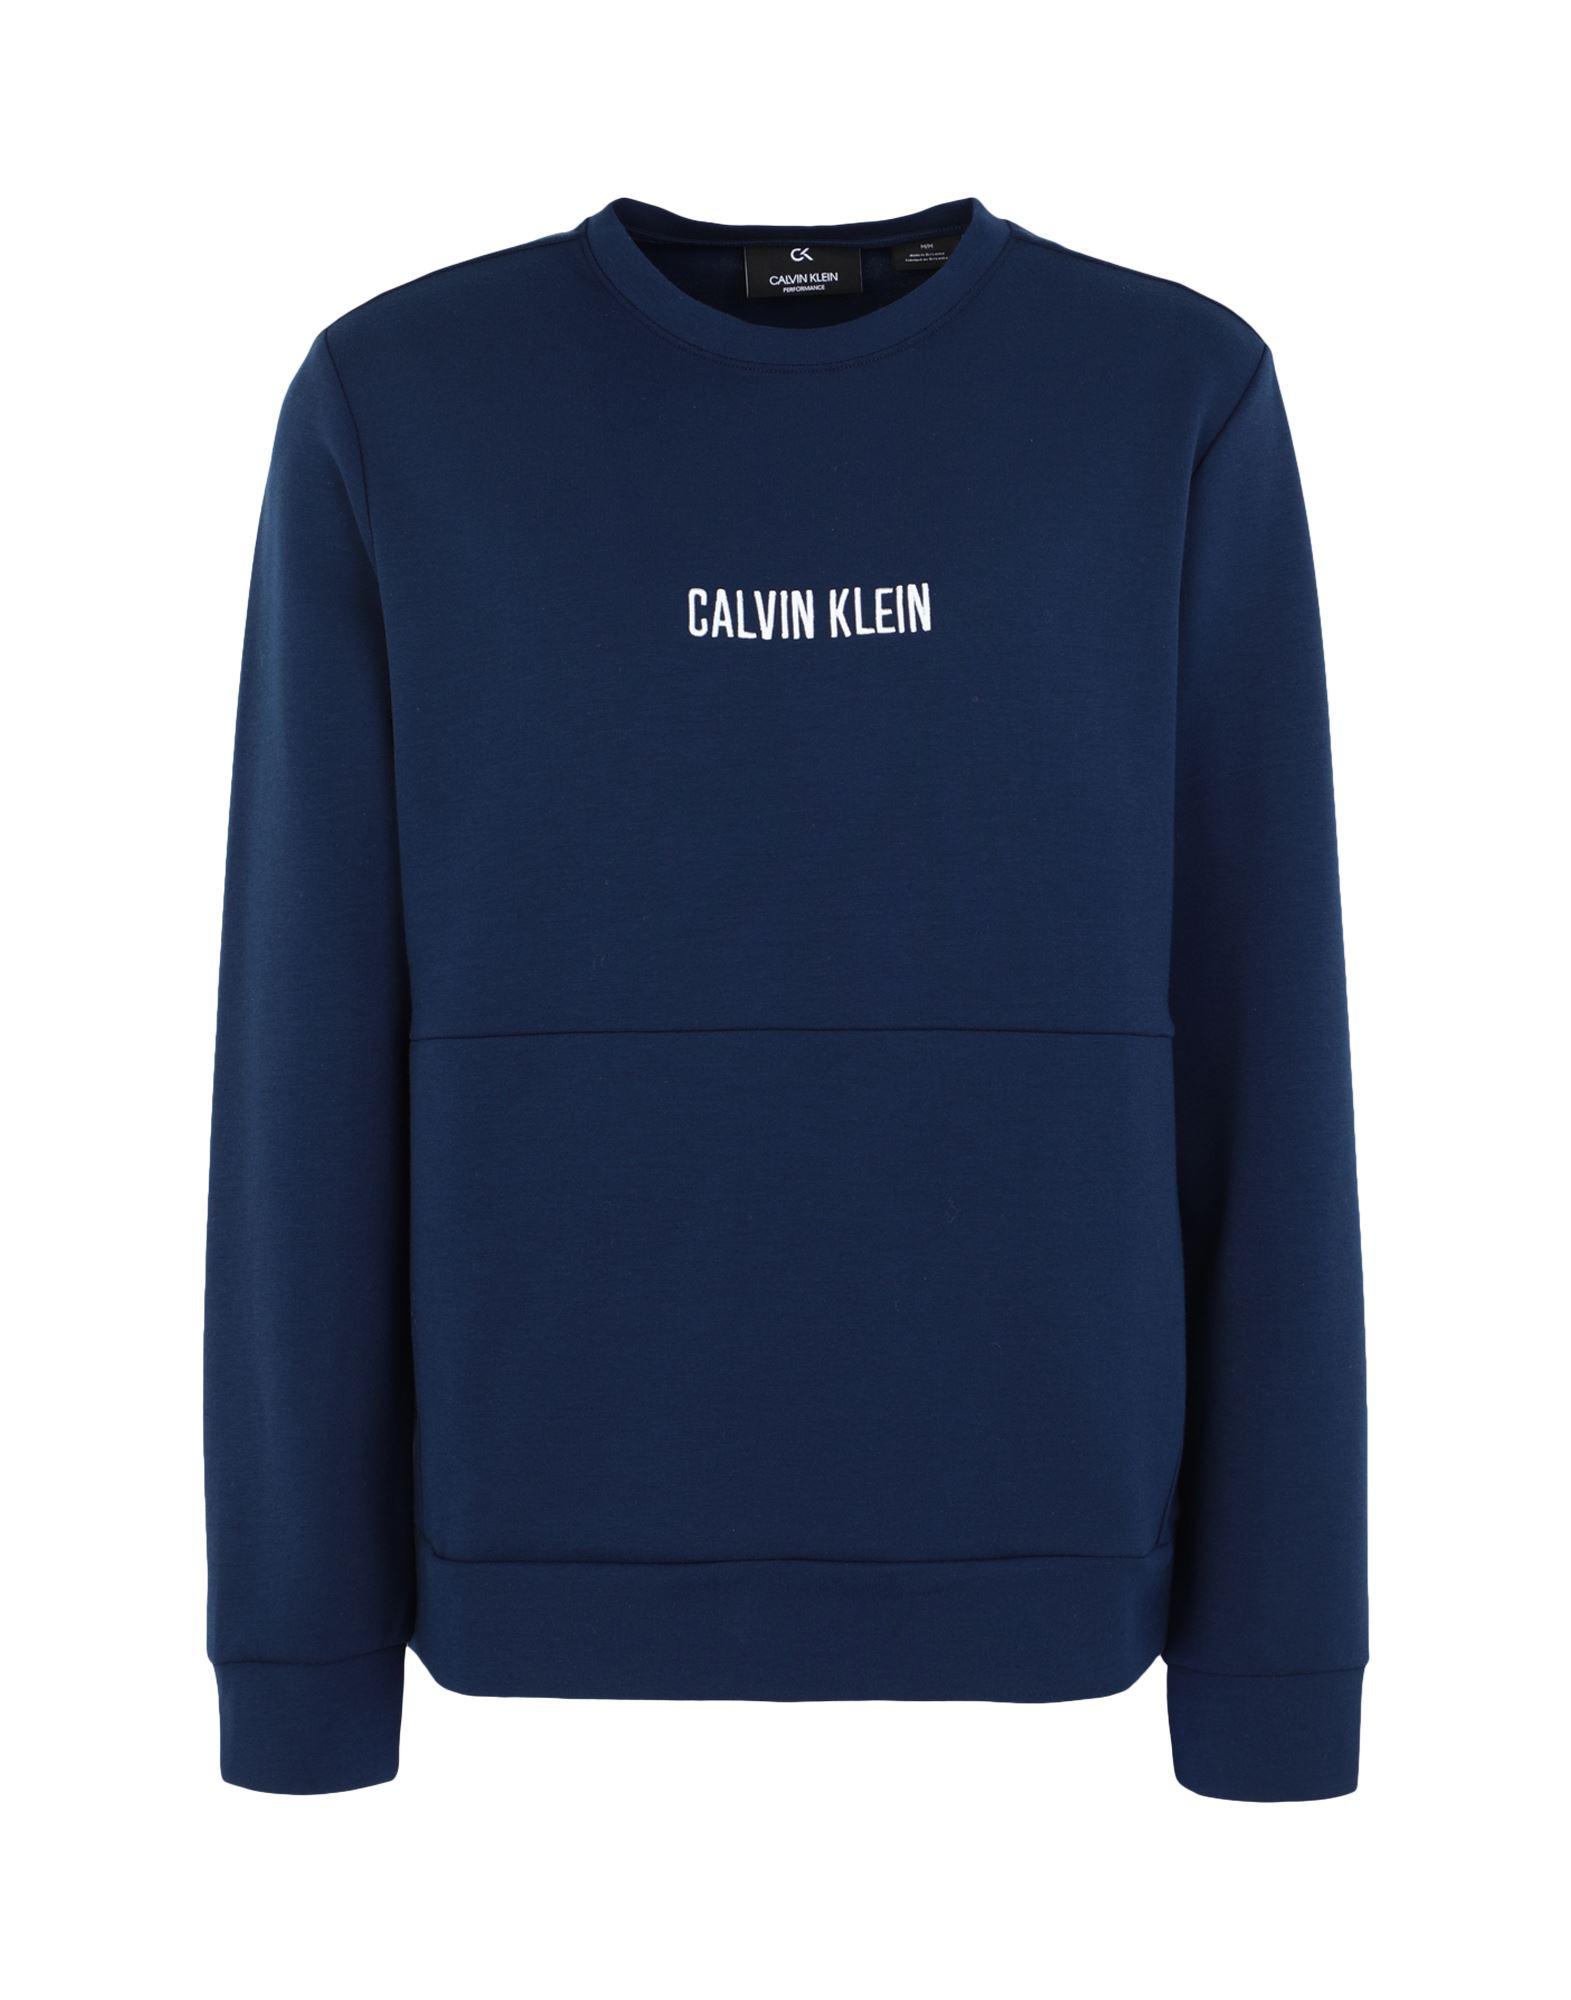 《セール開催中》CALVIN KLEIN PERFORMANCE メンズ スウェットシャツ ブルー S ポリエステル 75% / コットン 20% / ポリウレタン 5% PULLOVER